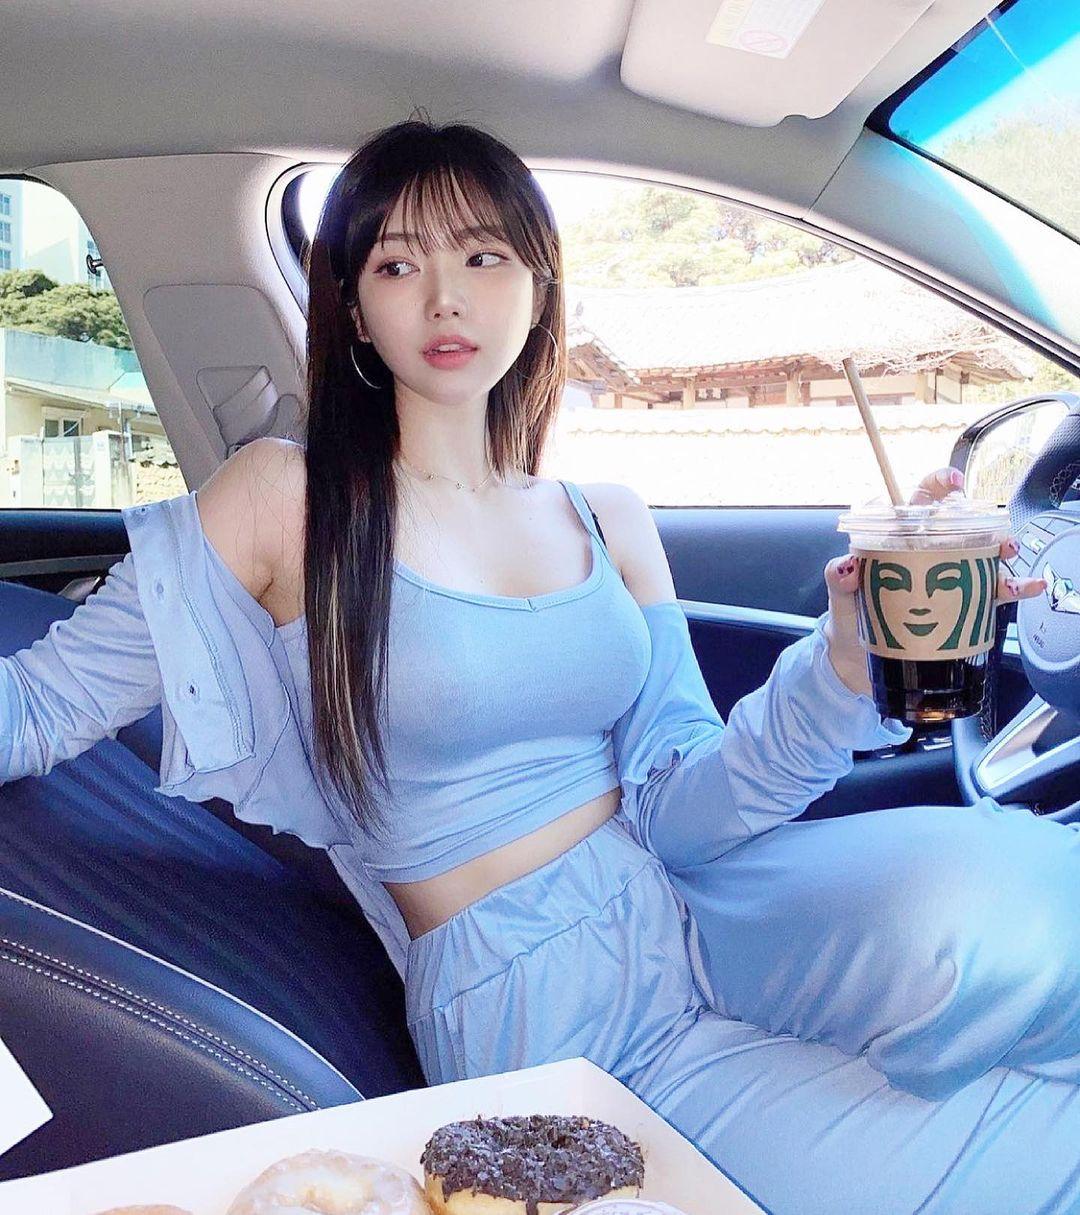 Nguyên tắc thời trang giúp thiếu nữ xứ Hàn khéo hút ánh nhìn nơi công cộng - 11